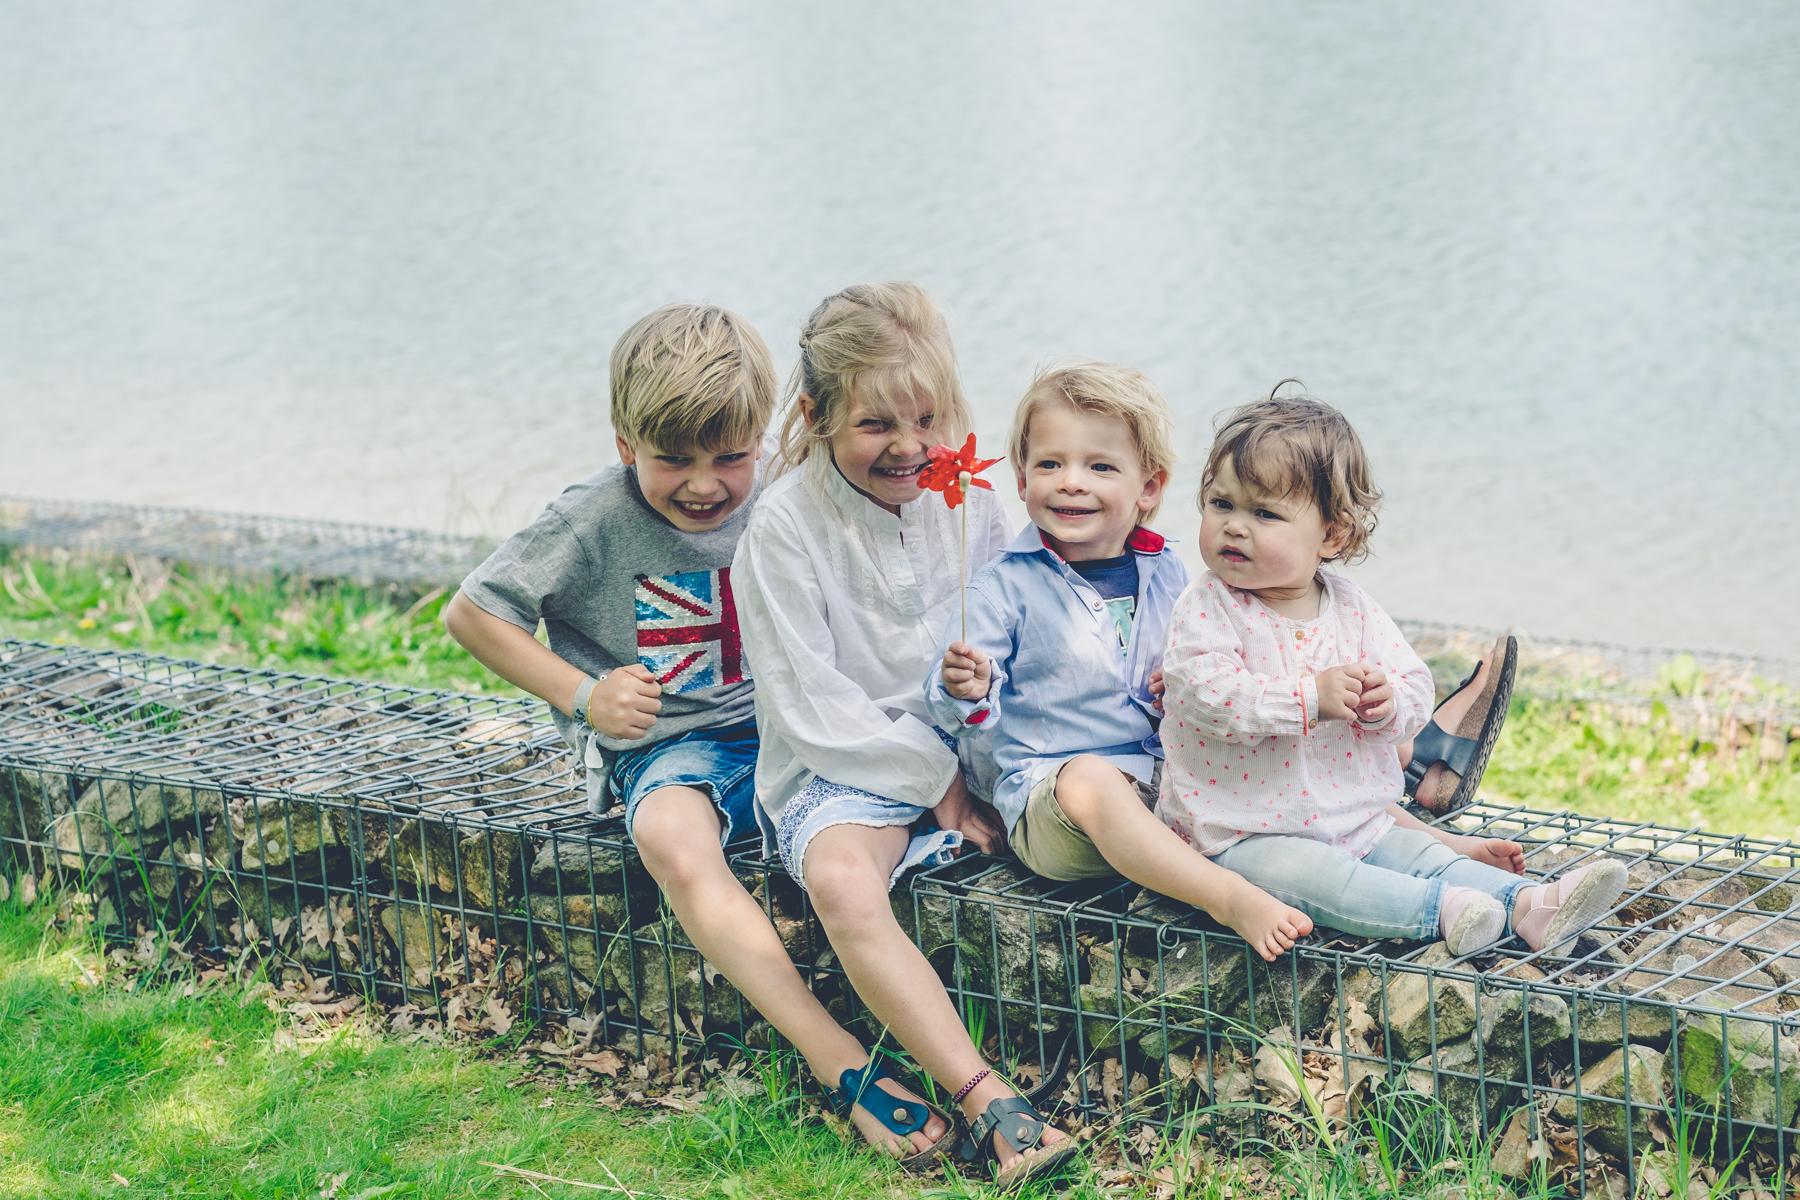 Kleinkinderen - Familie fotoshoot Boermans, Hof van Saksen, Rolde © 2018 Matthijs Jonker Fotografie